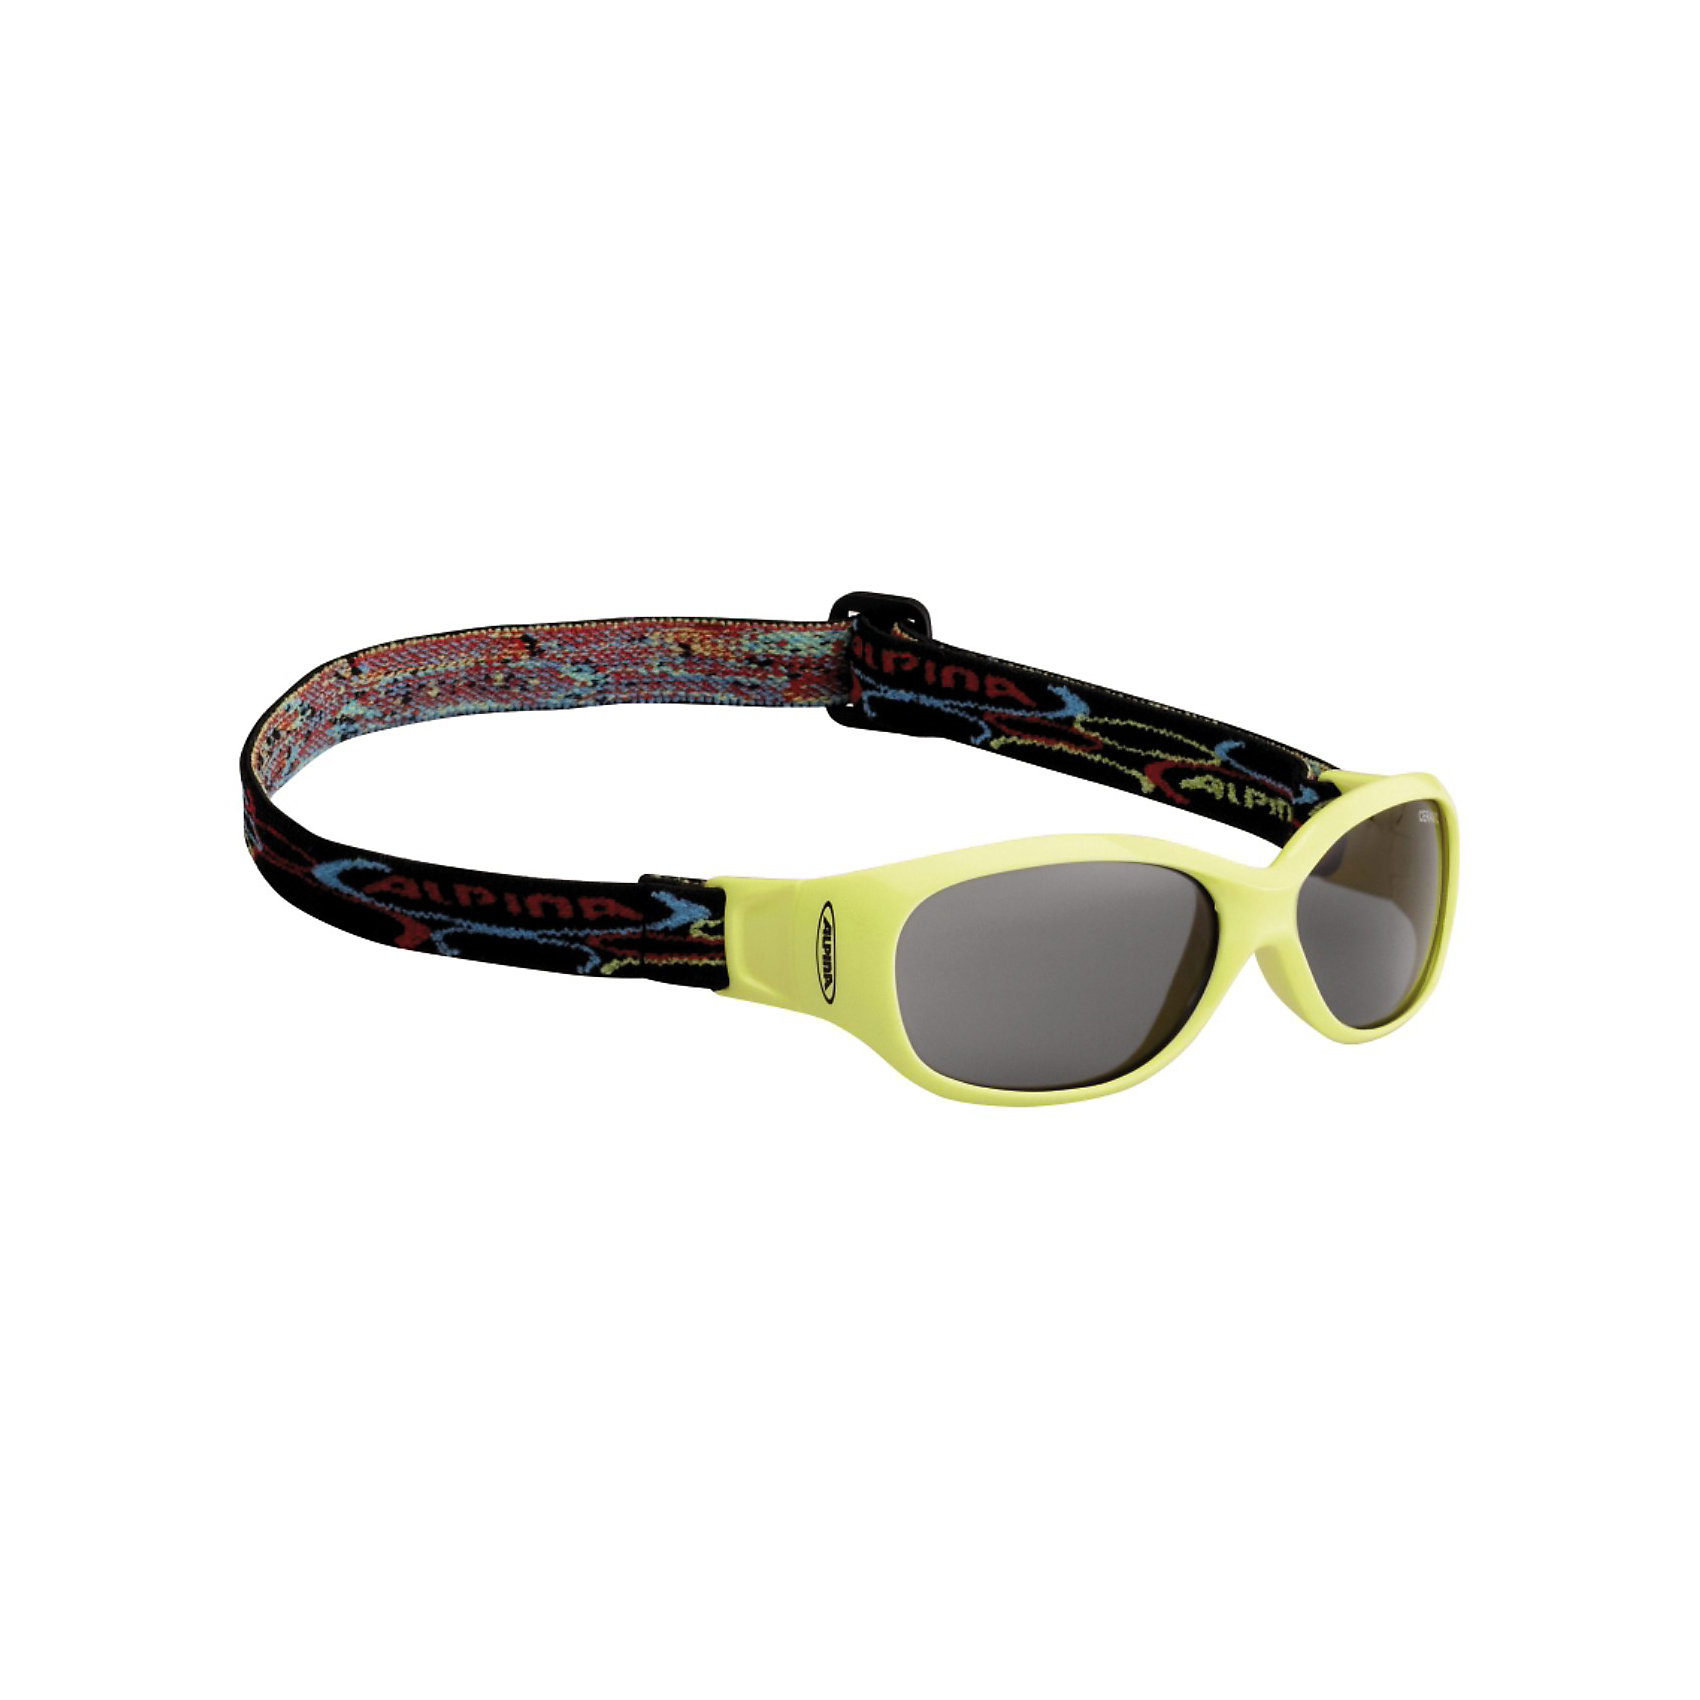 Очки солнцезащитные SPORTS FLEXXY KIDS, желтые, ALPINAСолнцезащитные очки<br><br><br>Ширина мм: 167<br>Глубина мм: 73<br>Высота мм: 45<br>Вес г: 26<br>Цвет: желтый<br>Возраст от месяцев: 48<br>Возраст до месяцев: 144<br>Пол: Унисекс<br>Возраст: Детский<br>SKU: 3183934